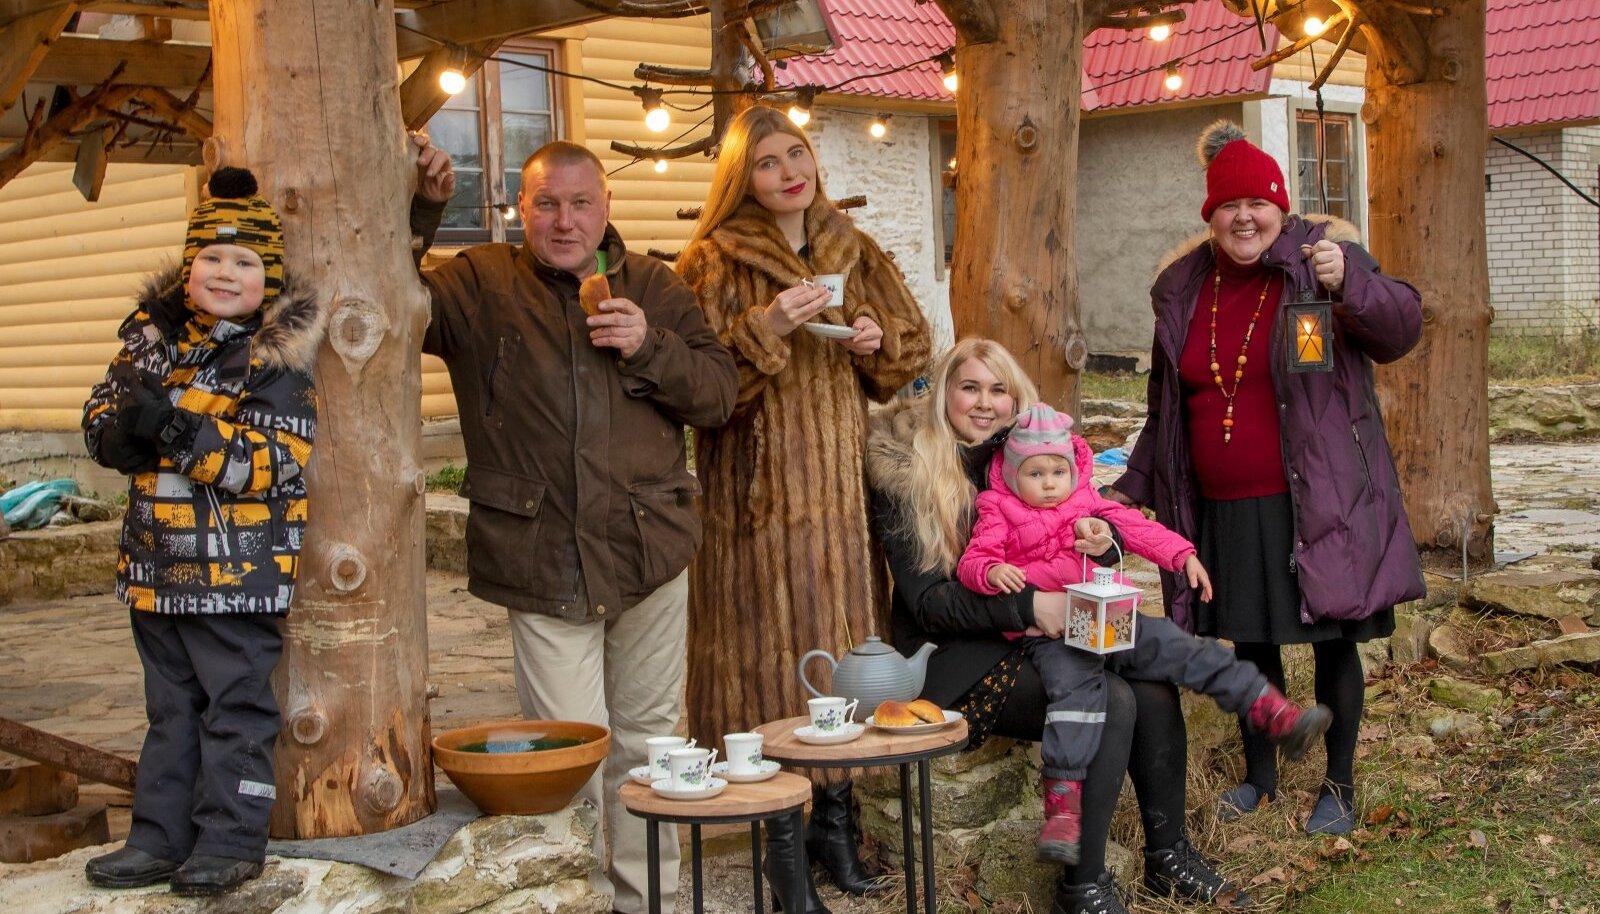 Pühademeeleolu taluõues. Pildil on isa Teet Kuusemaa, tütred Kairi ja Karin kahe lapse – Lily ja Alexiga – ning ema Anita Kuusemaa.